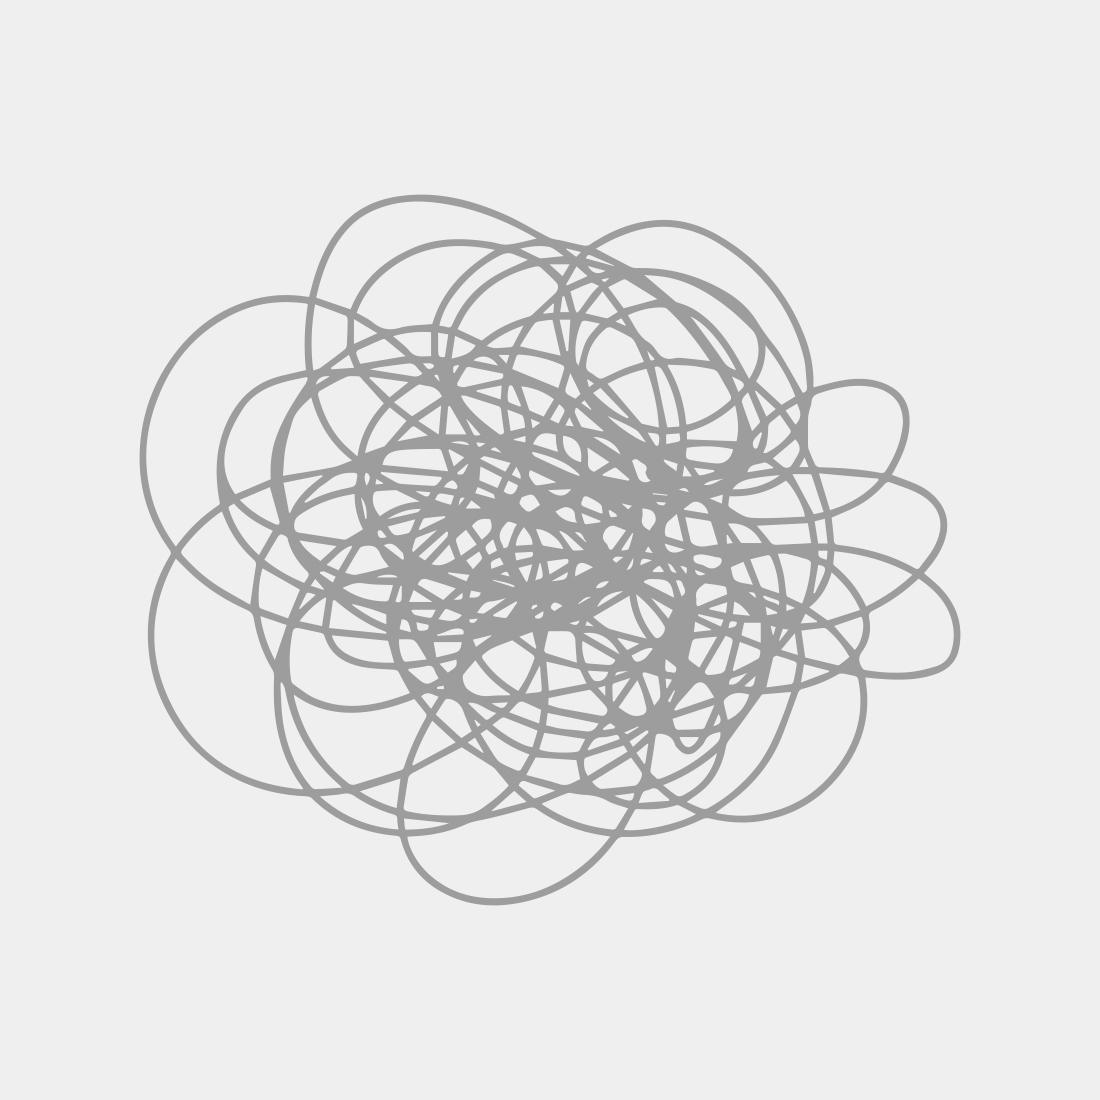 Barbara Rae 'St. Finian's Beach' Greetings Card